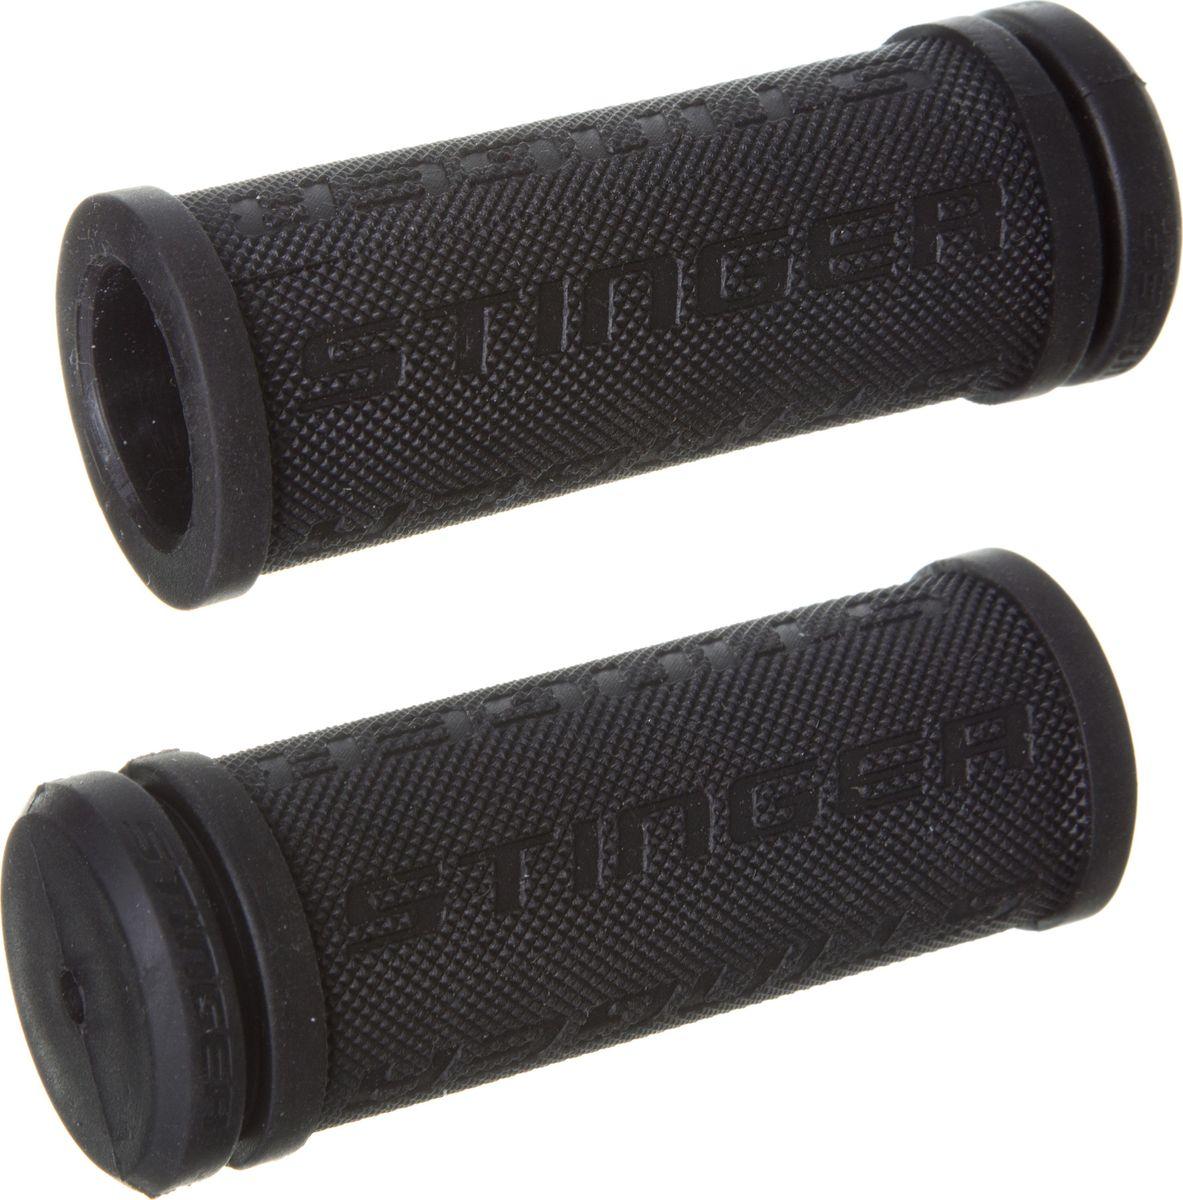 Грипсы STG HL-G92-1 BK, цвет: черный, 76 мм, 2 шт фонарь на ниппель stg jy 503c 11 2 шт х54095